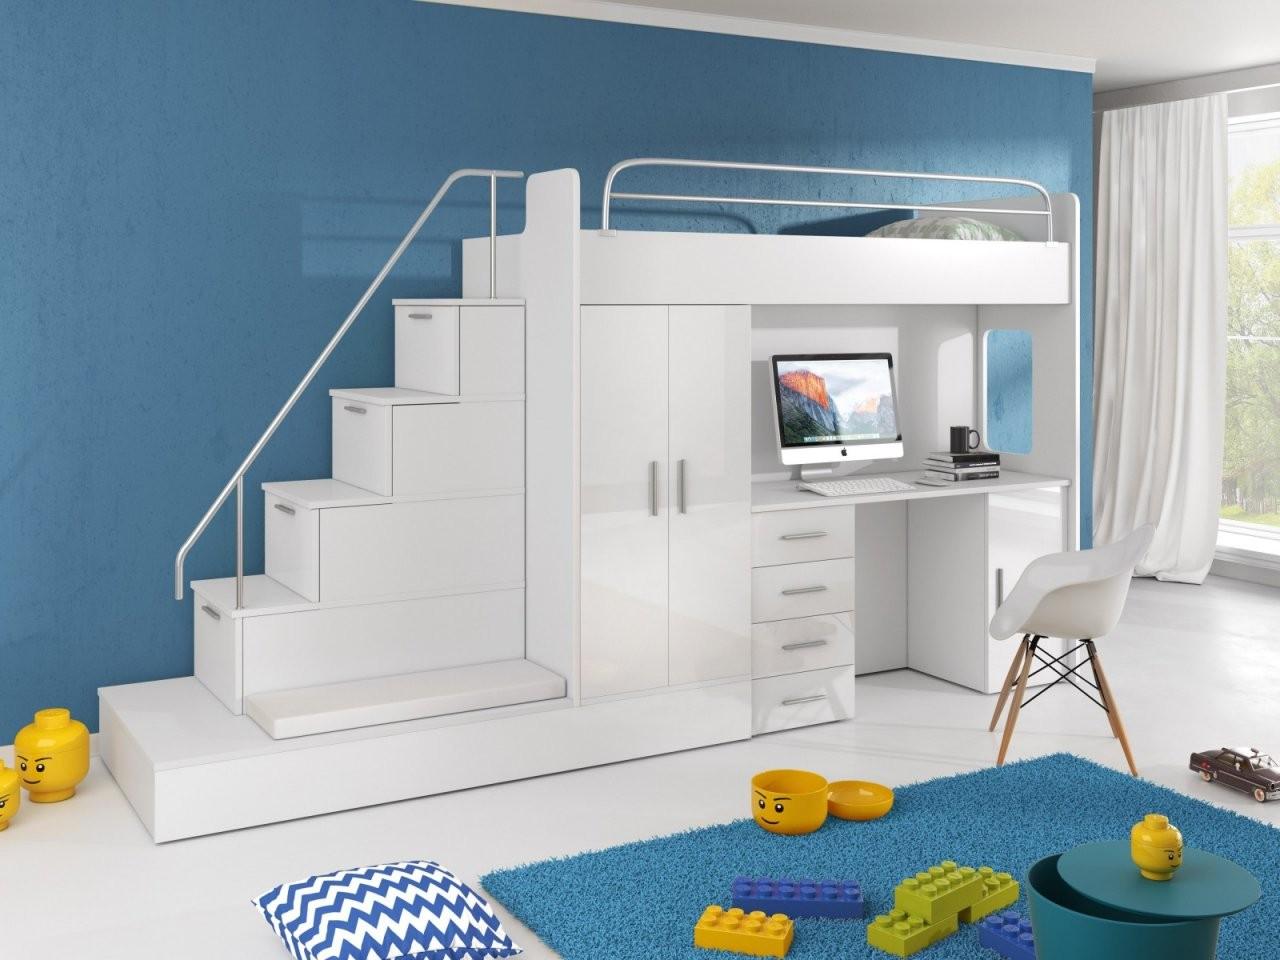 Hochbett Mit Treppe Sun  Furnistad von Treppe Für Hochbett Kaufen Bild